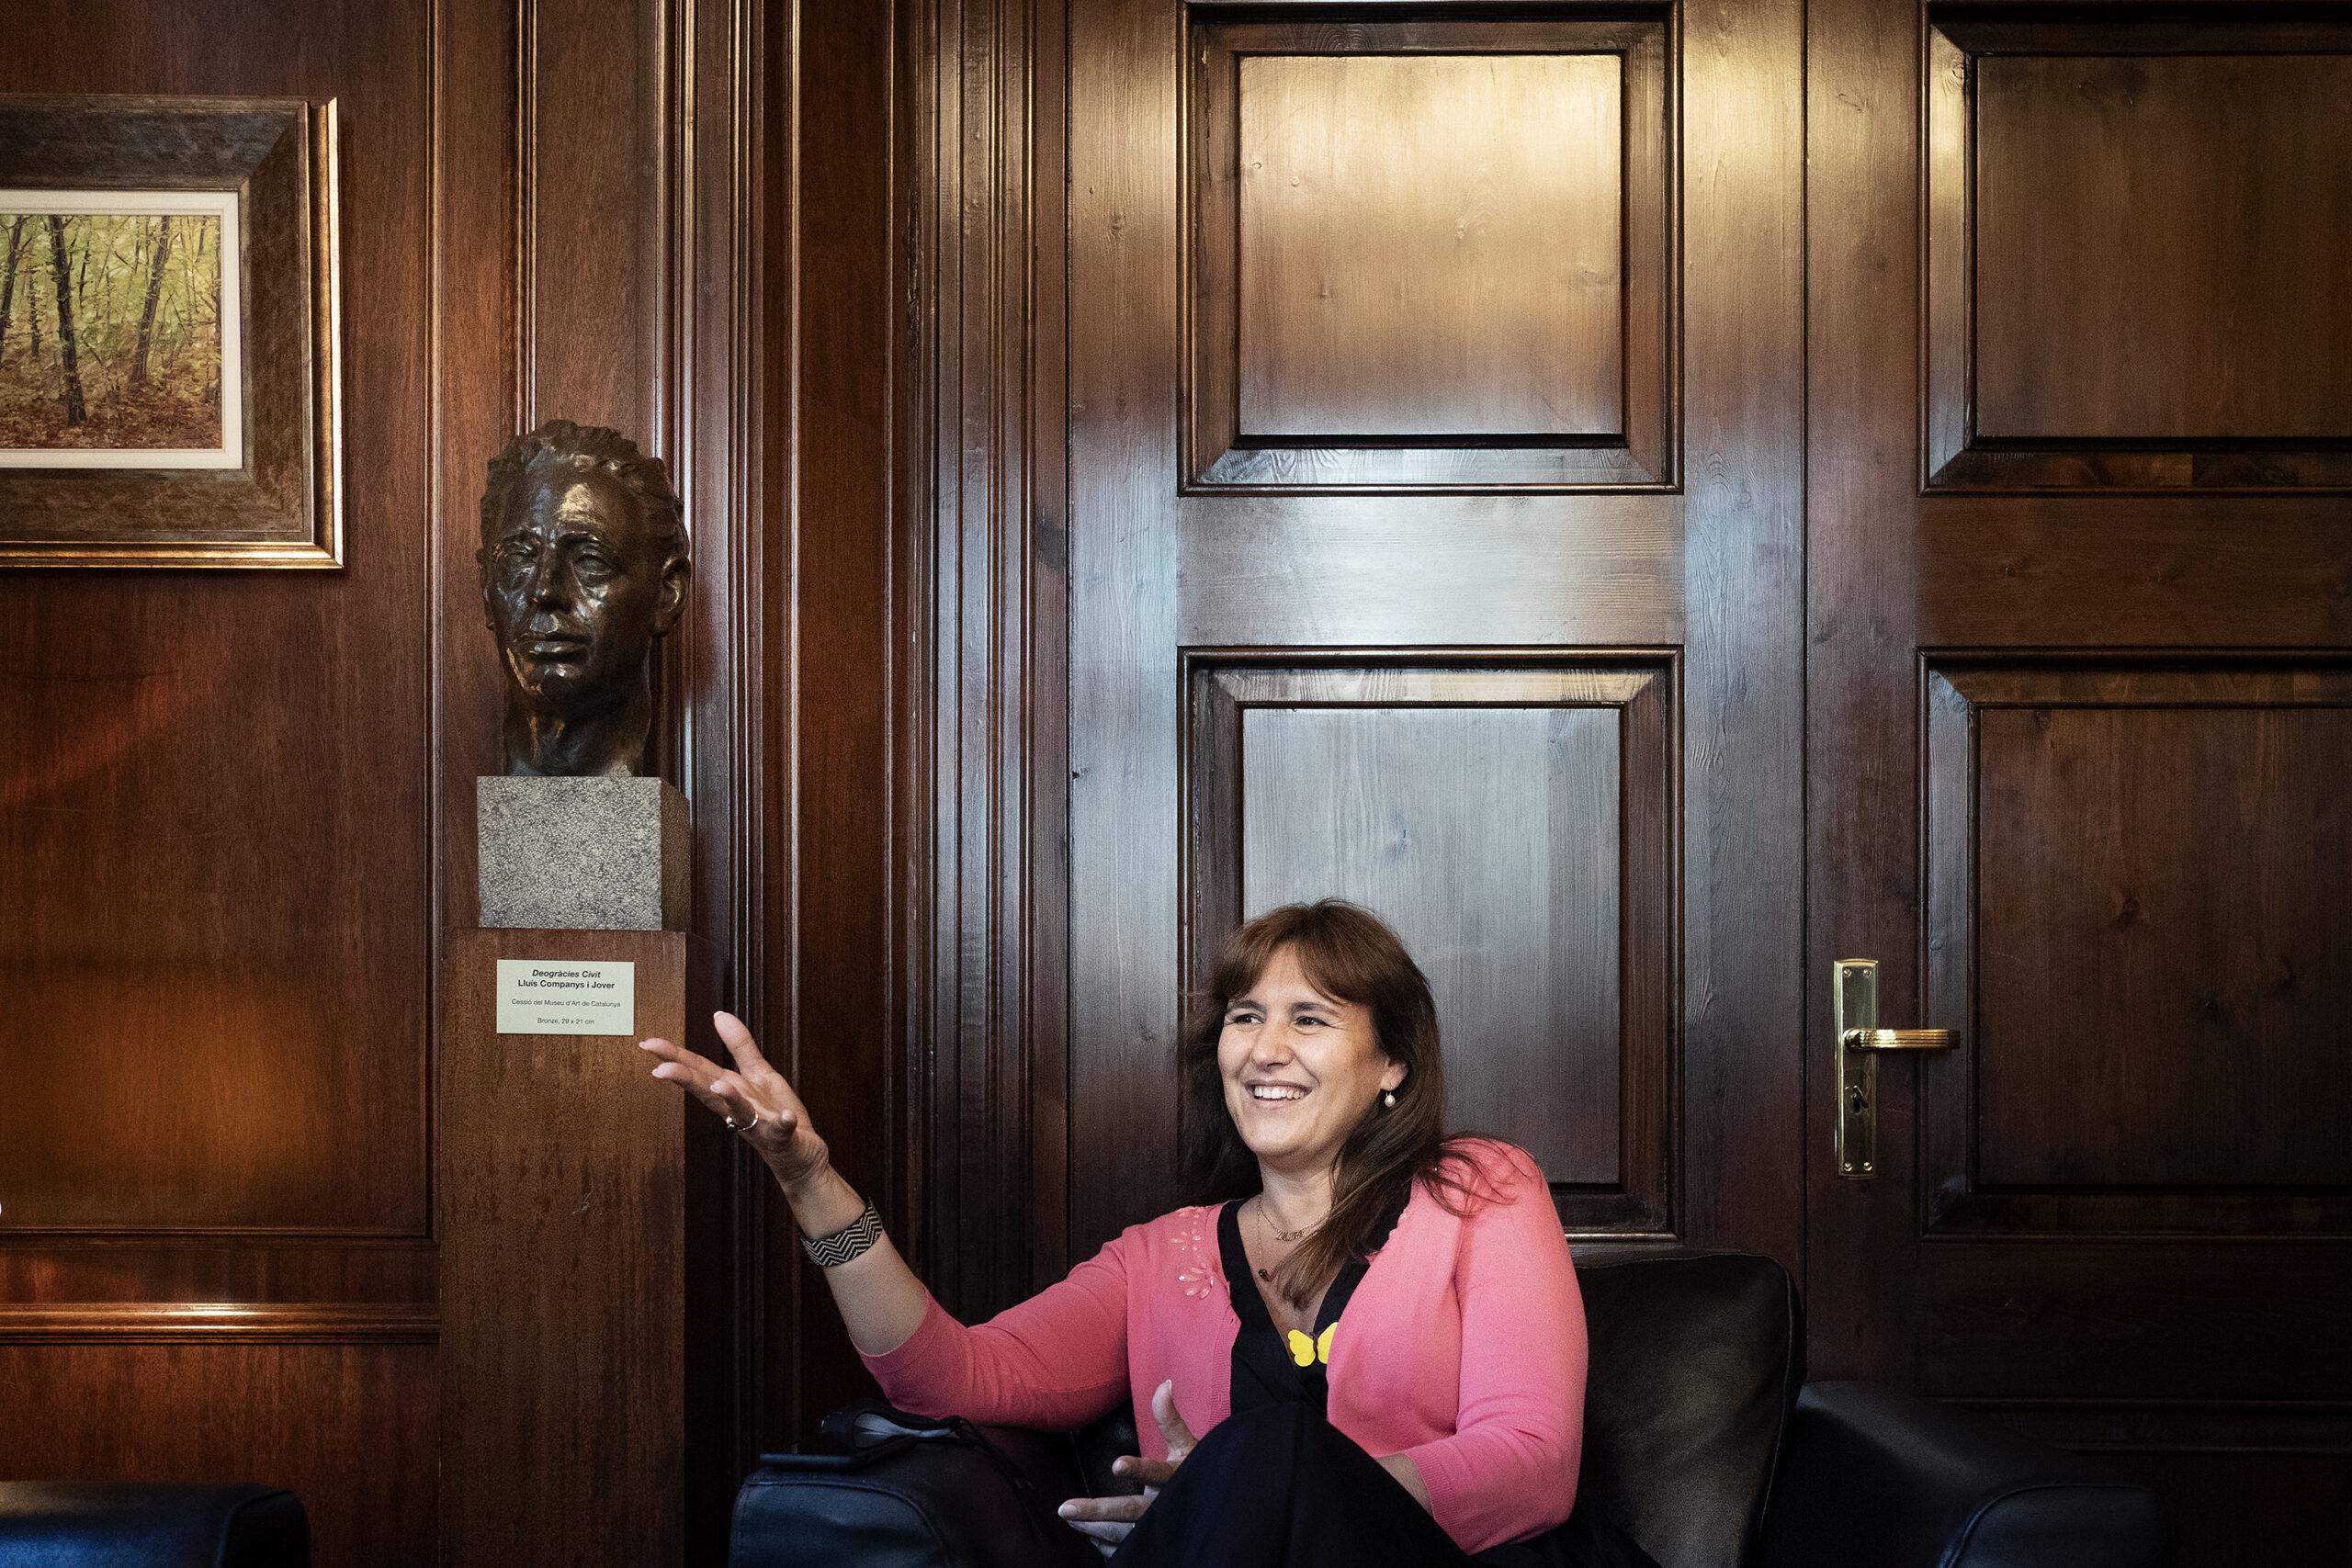 La presidenta del Parlament, Laura Borràs, al seu despatx, al costat del bust de Lluís Companys / Mireia Comas